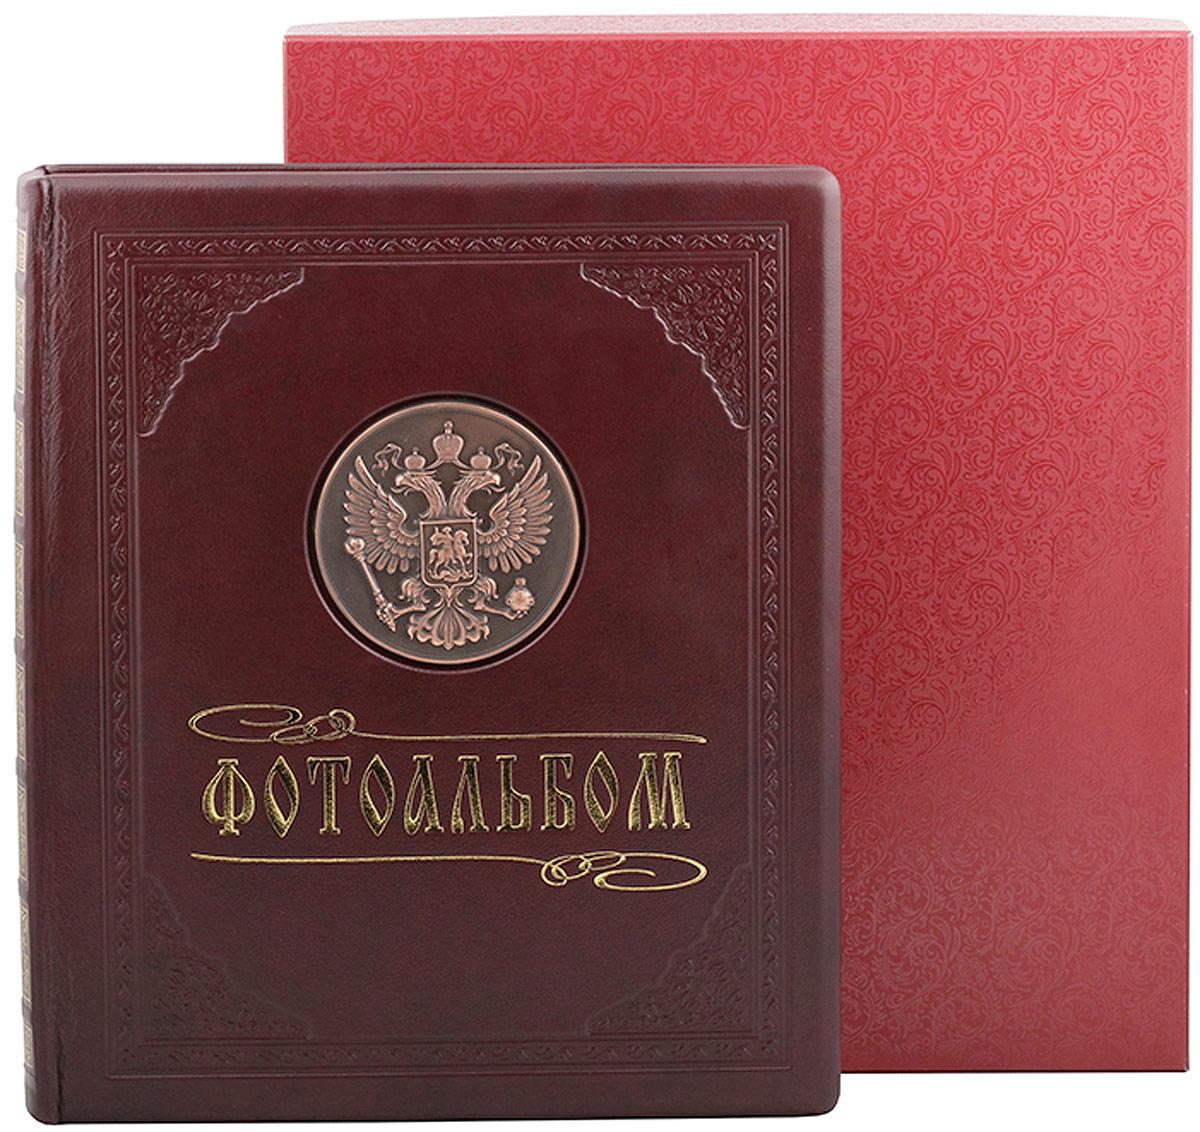 Фотоальбом Город Подарков, цвет: бордовый, 31,5 x 36,5 см фотоальбом 6171